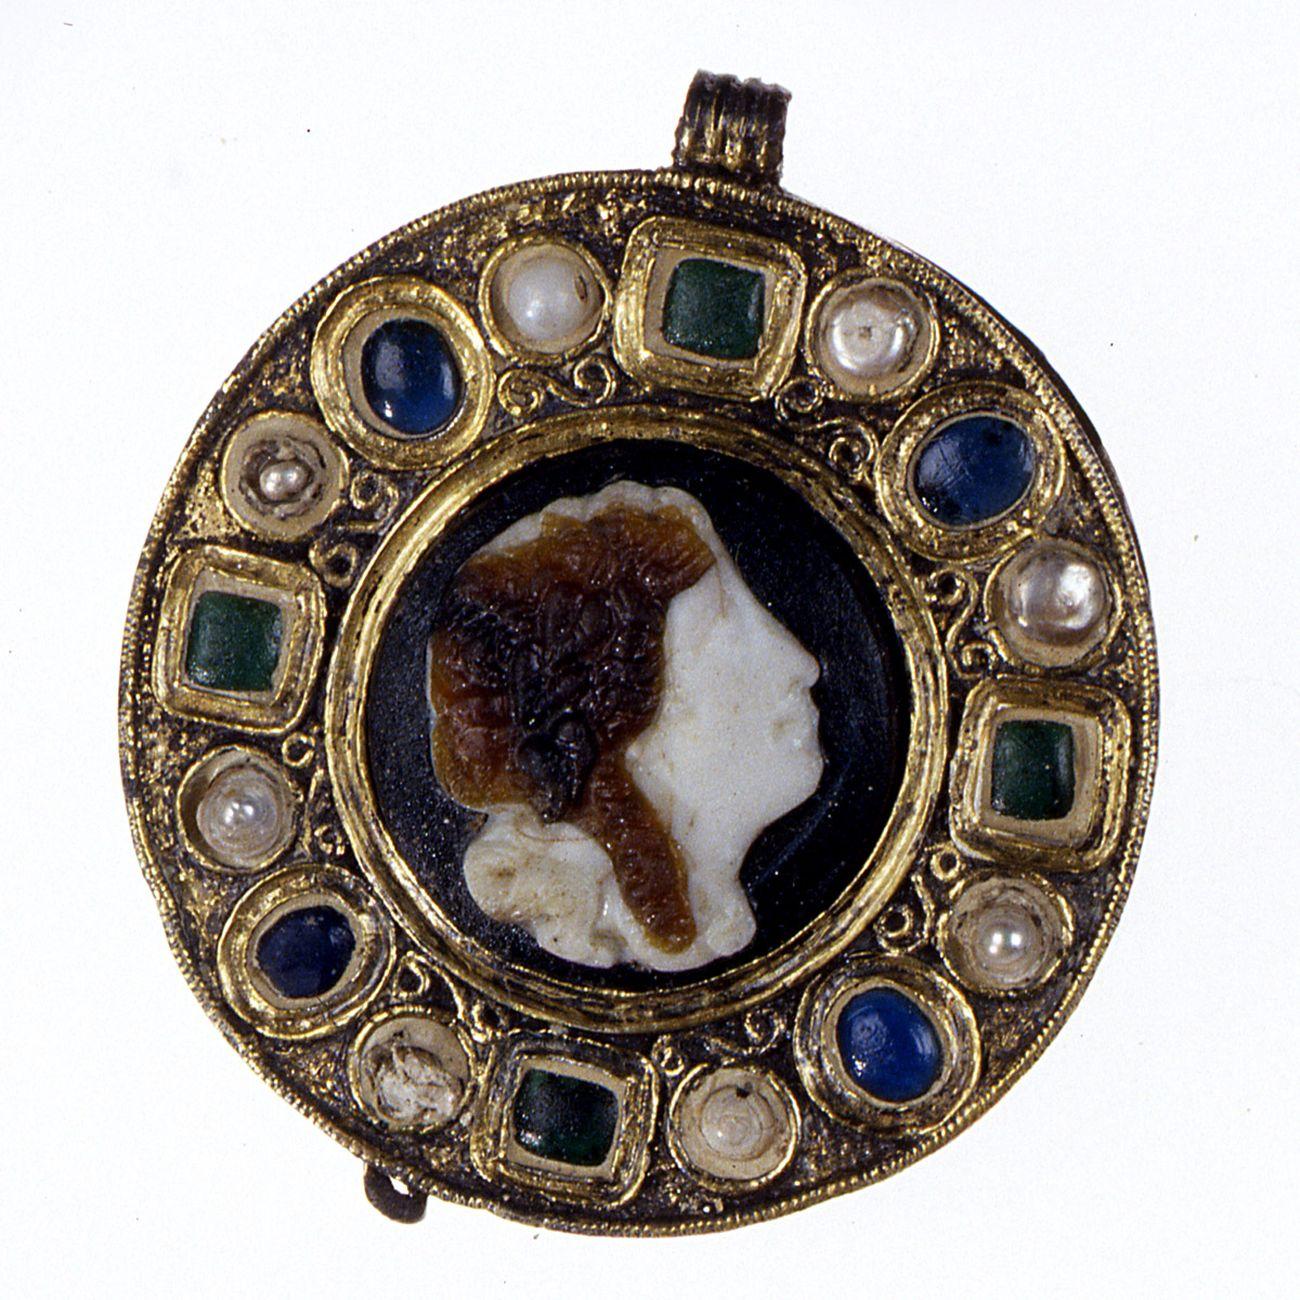 Fibula con cammeo dalla necropoli longobarda di Spilamberto. Deposito archeologico di Spilamberto